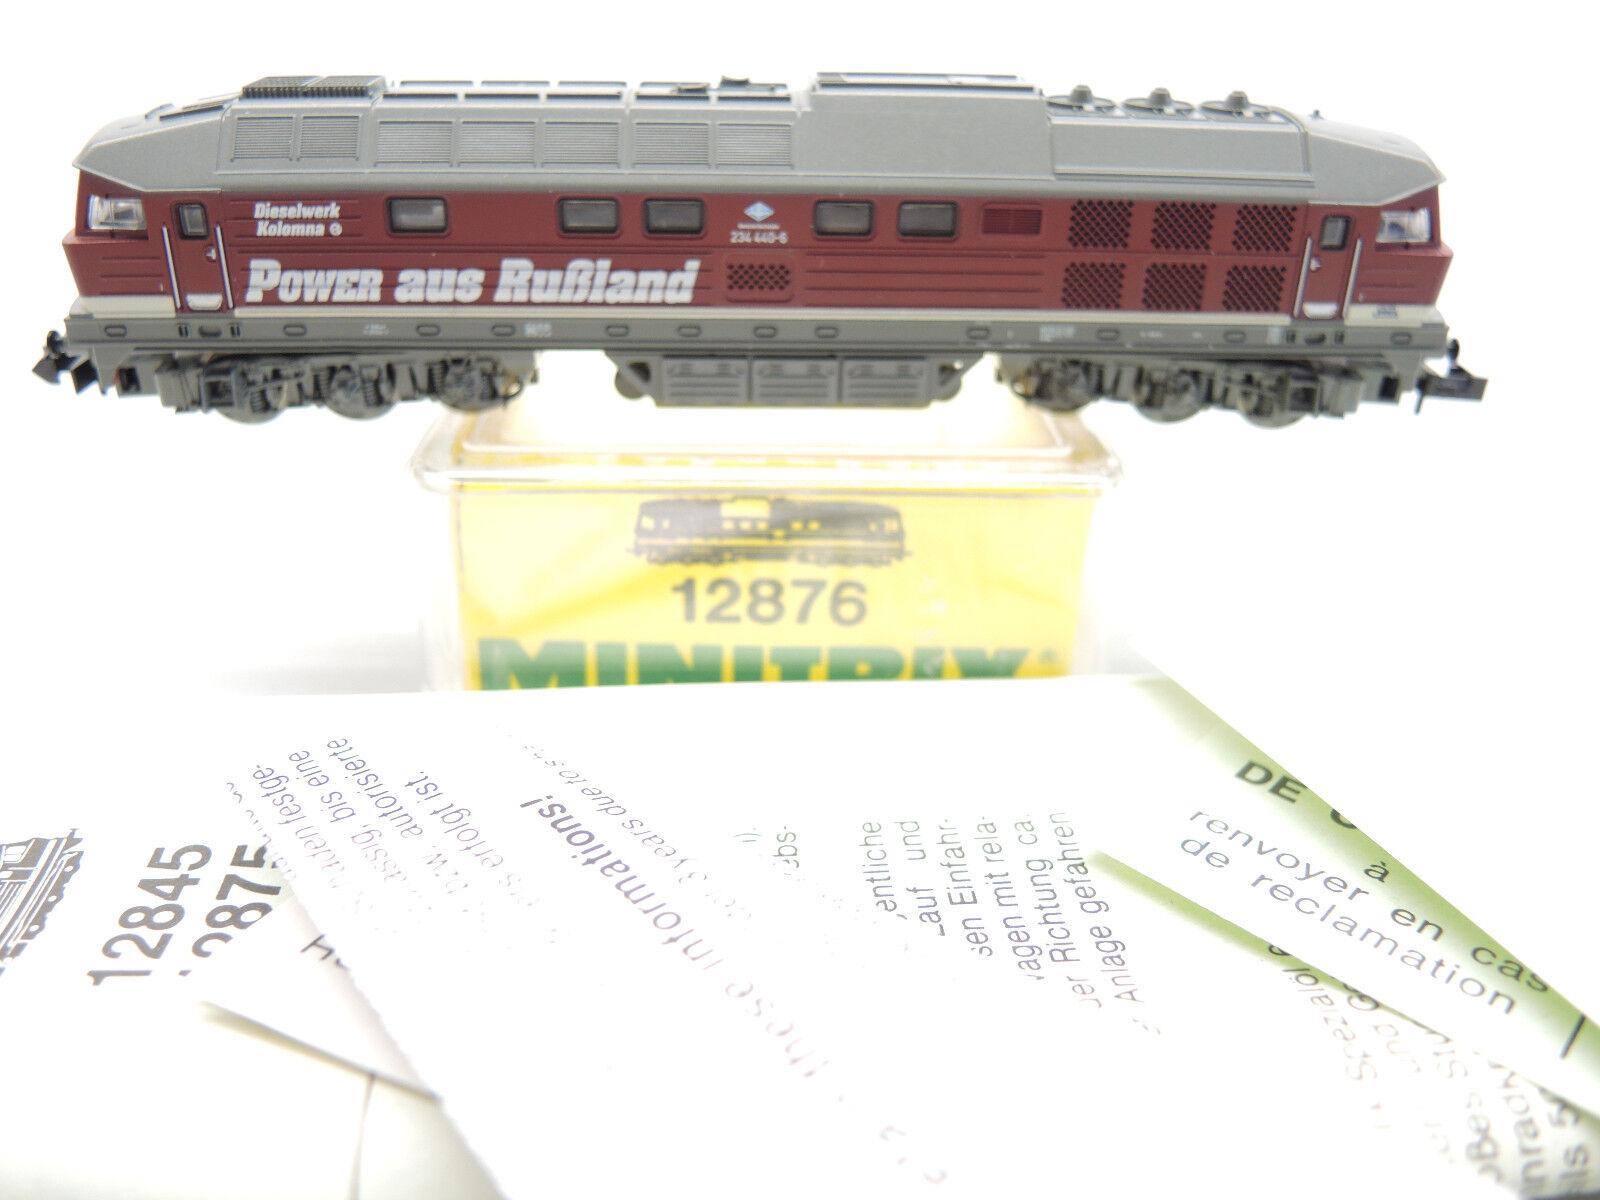 Trix Minitrix, 12876, Diesel BR 234 440-6 delle DR, DR, DR, Power dalla Russia OVP cd0ce9